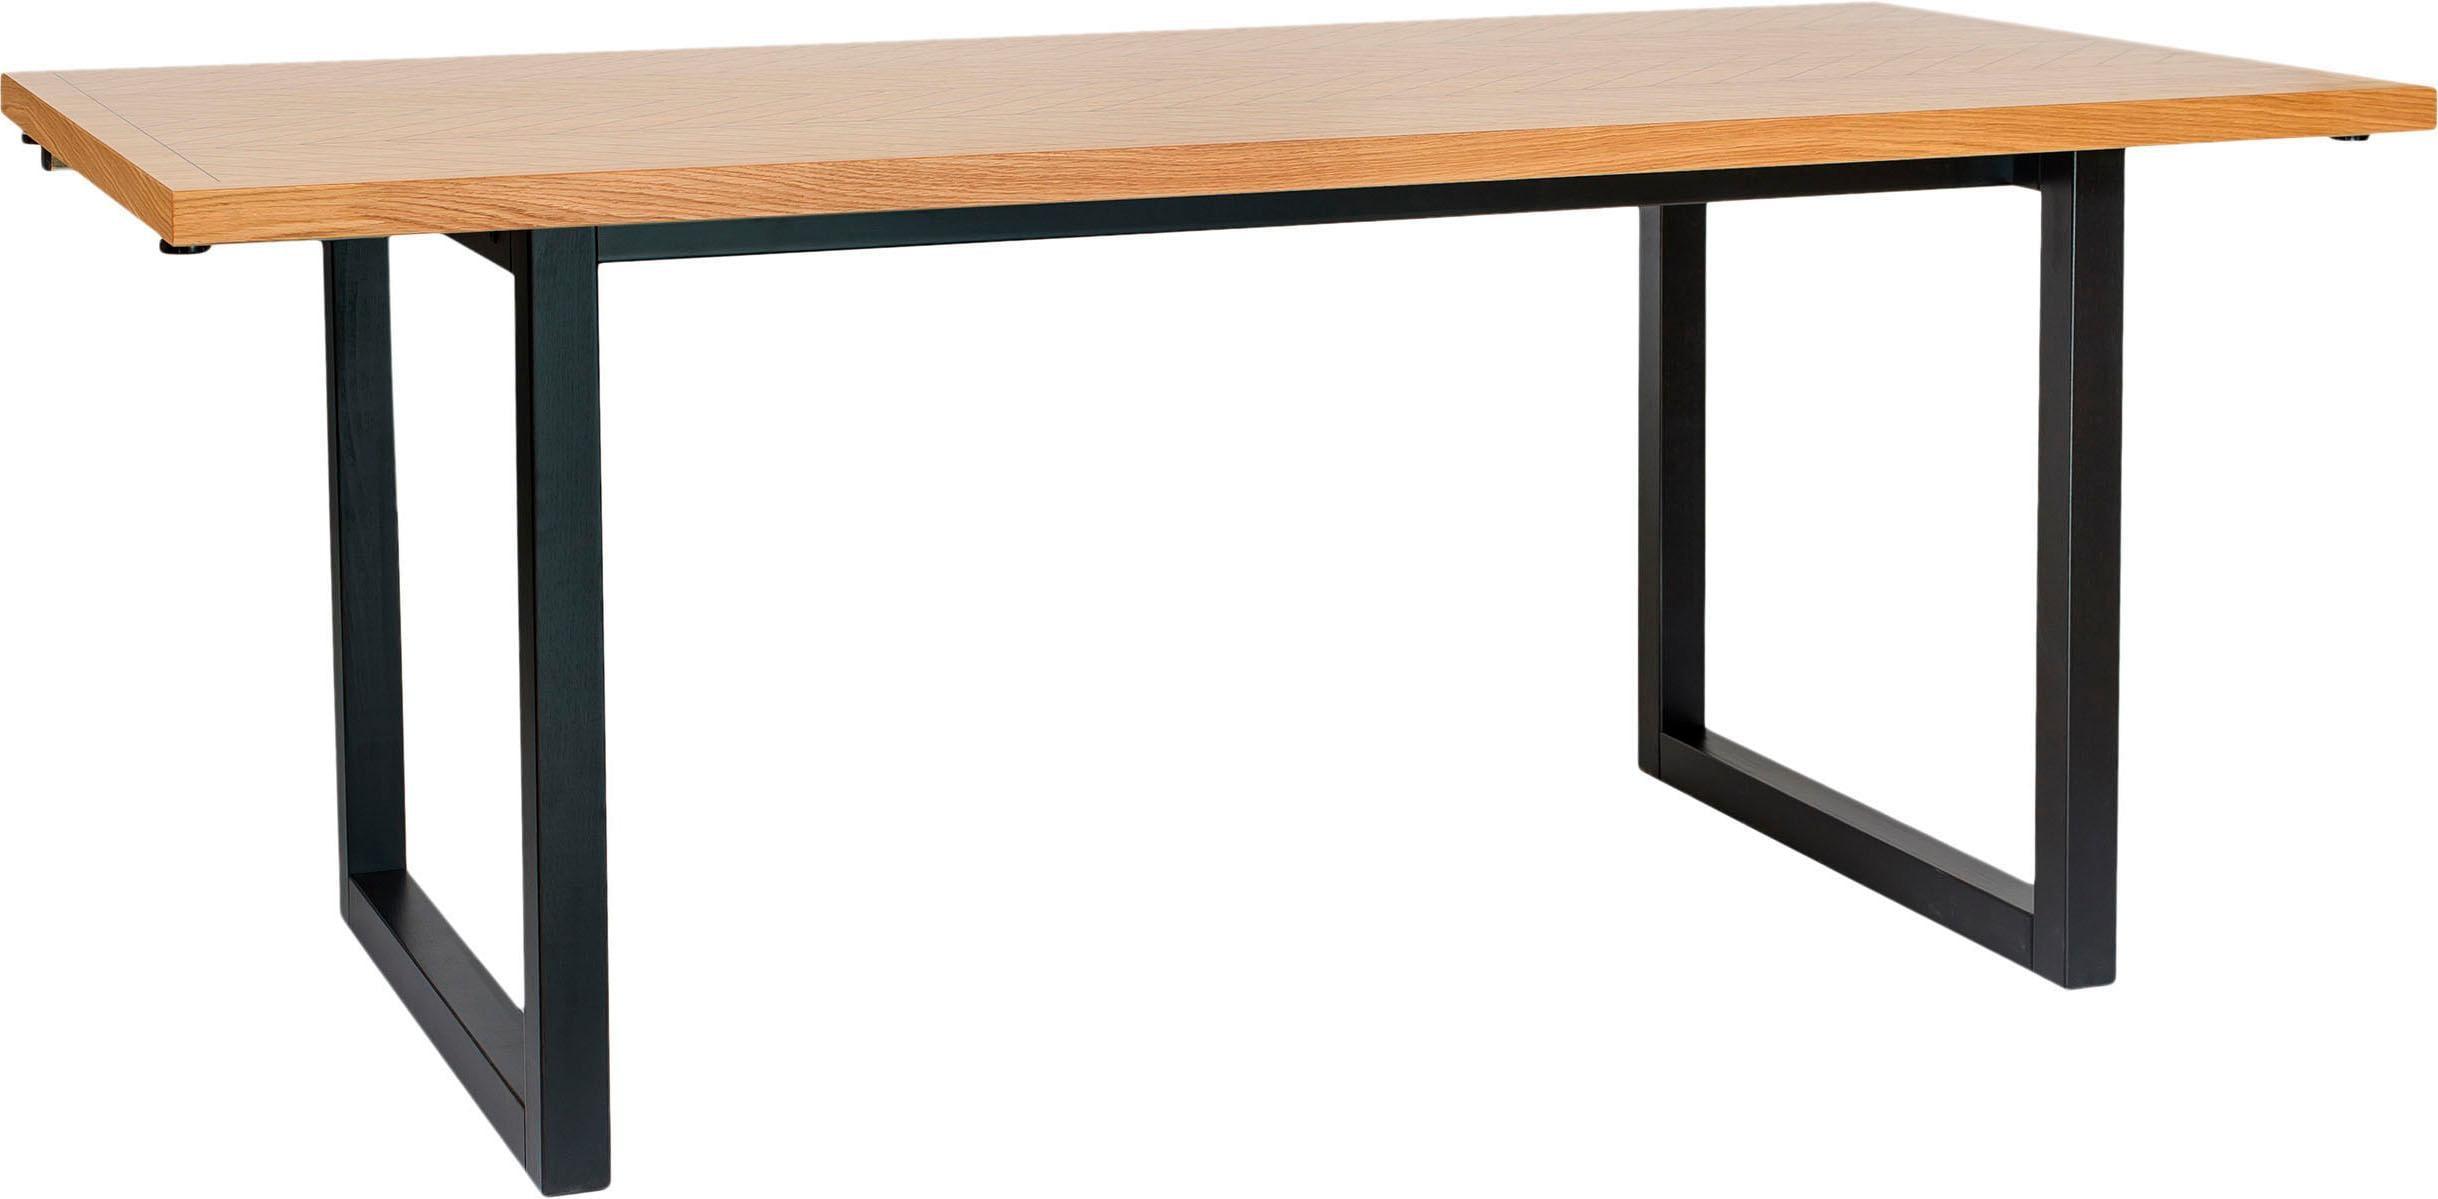 Woodman Esstisch Camden, aus massiver Birke, Breite 180 cm braun Holz-Esstische Holztische Tische